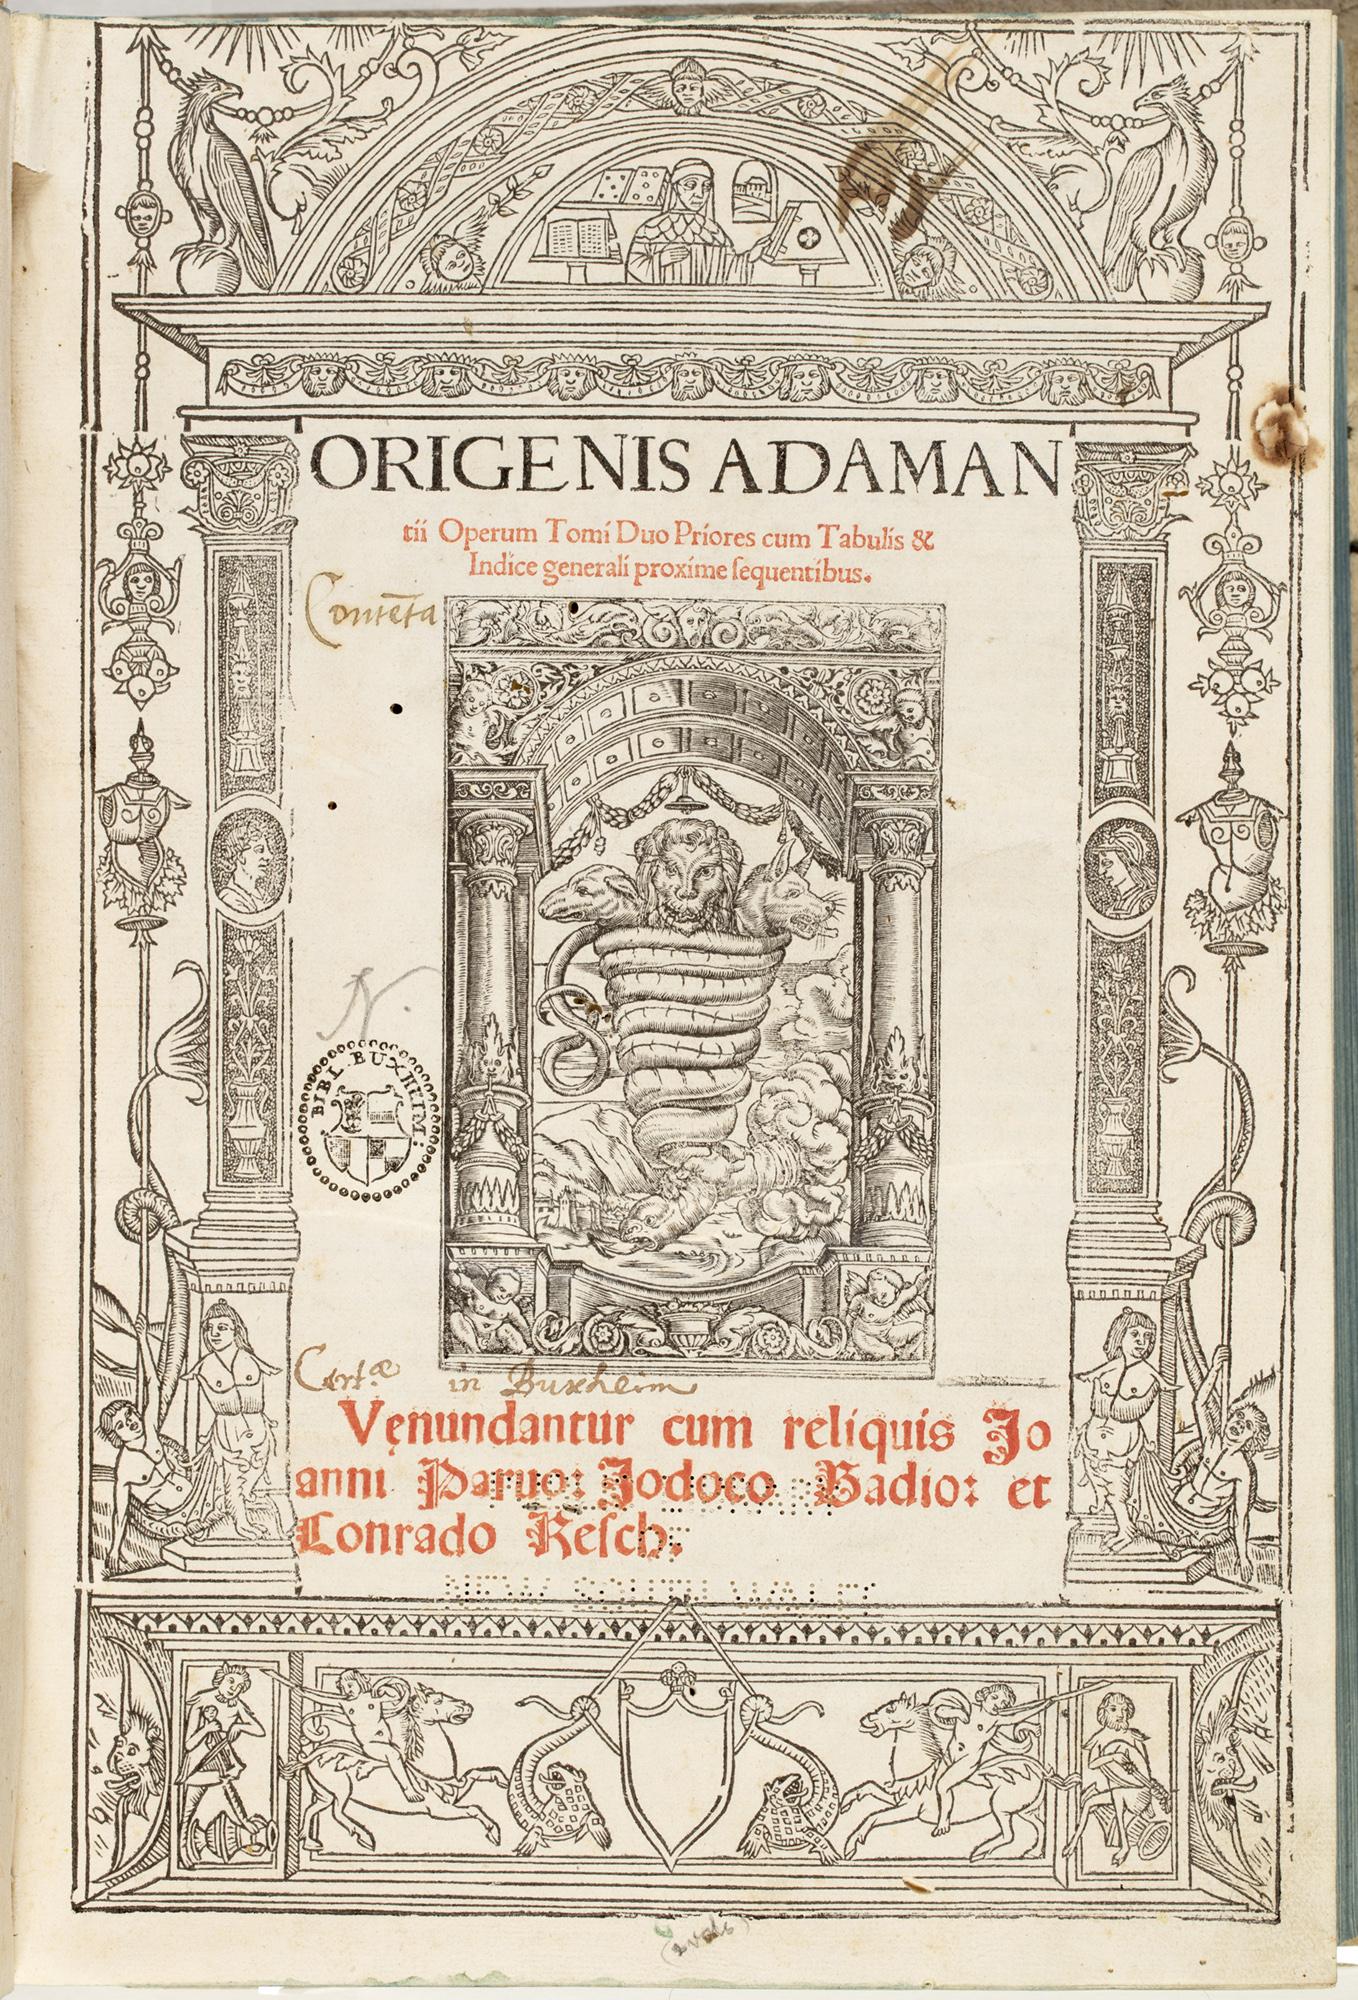 Origenis Adamantii Operum tomi duo priorescumtabulis & indice generali proxime sequentibus.